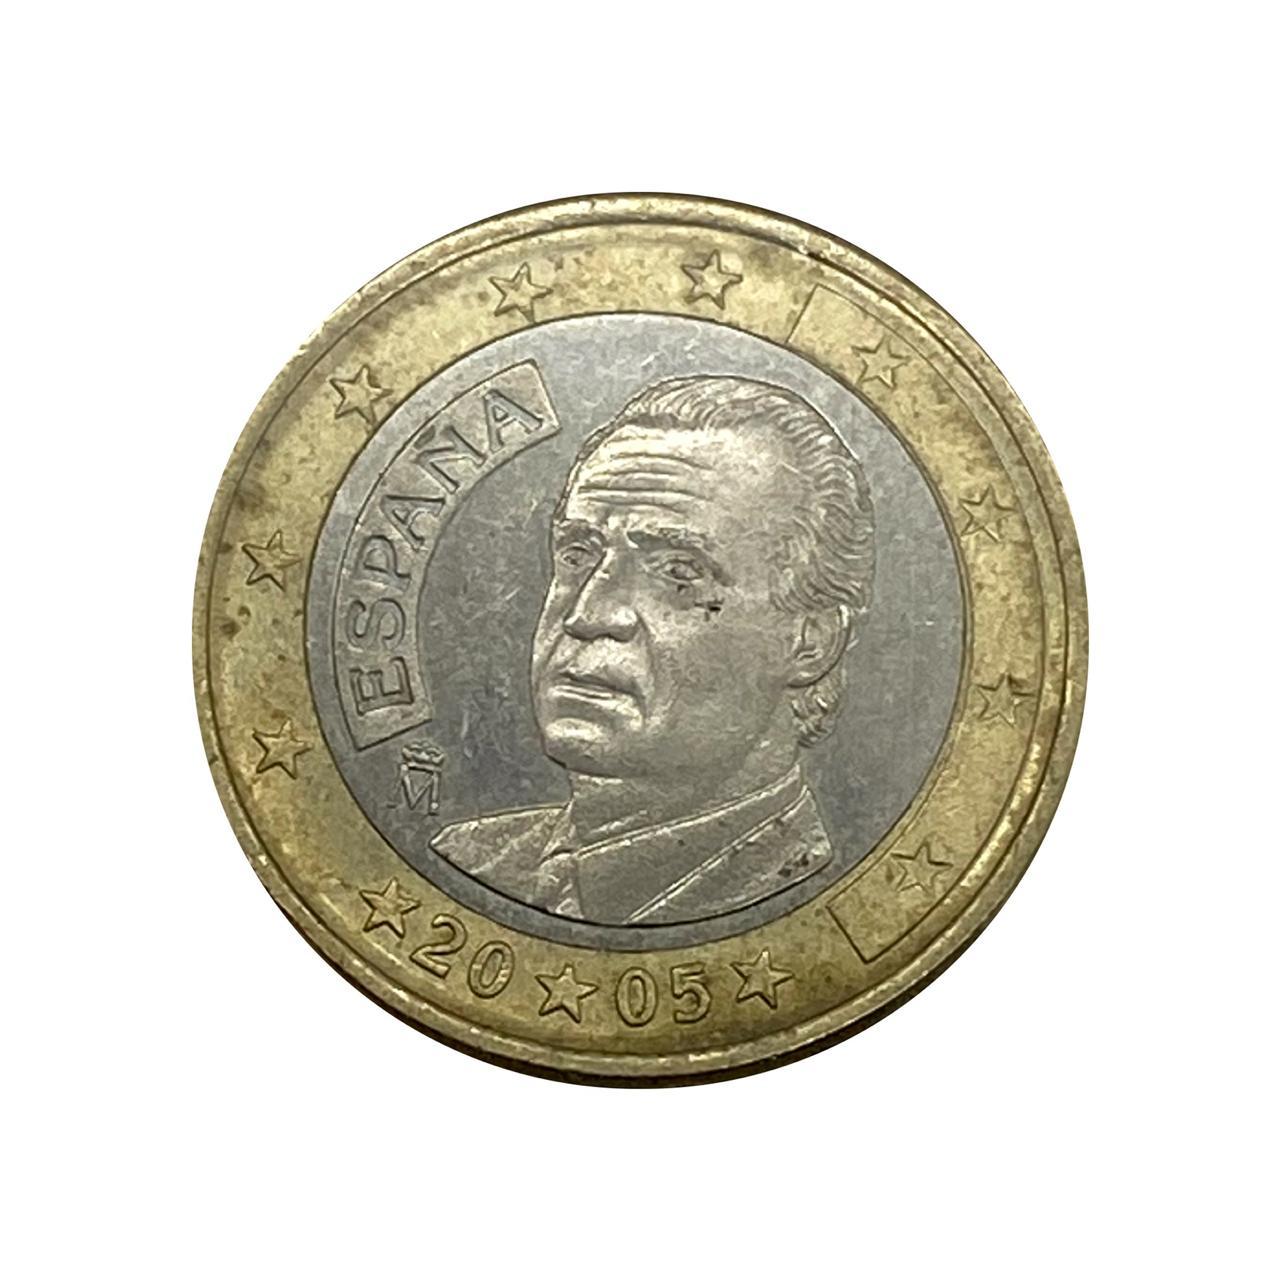 2 Euros Espanha mbc